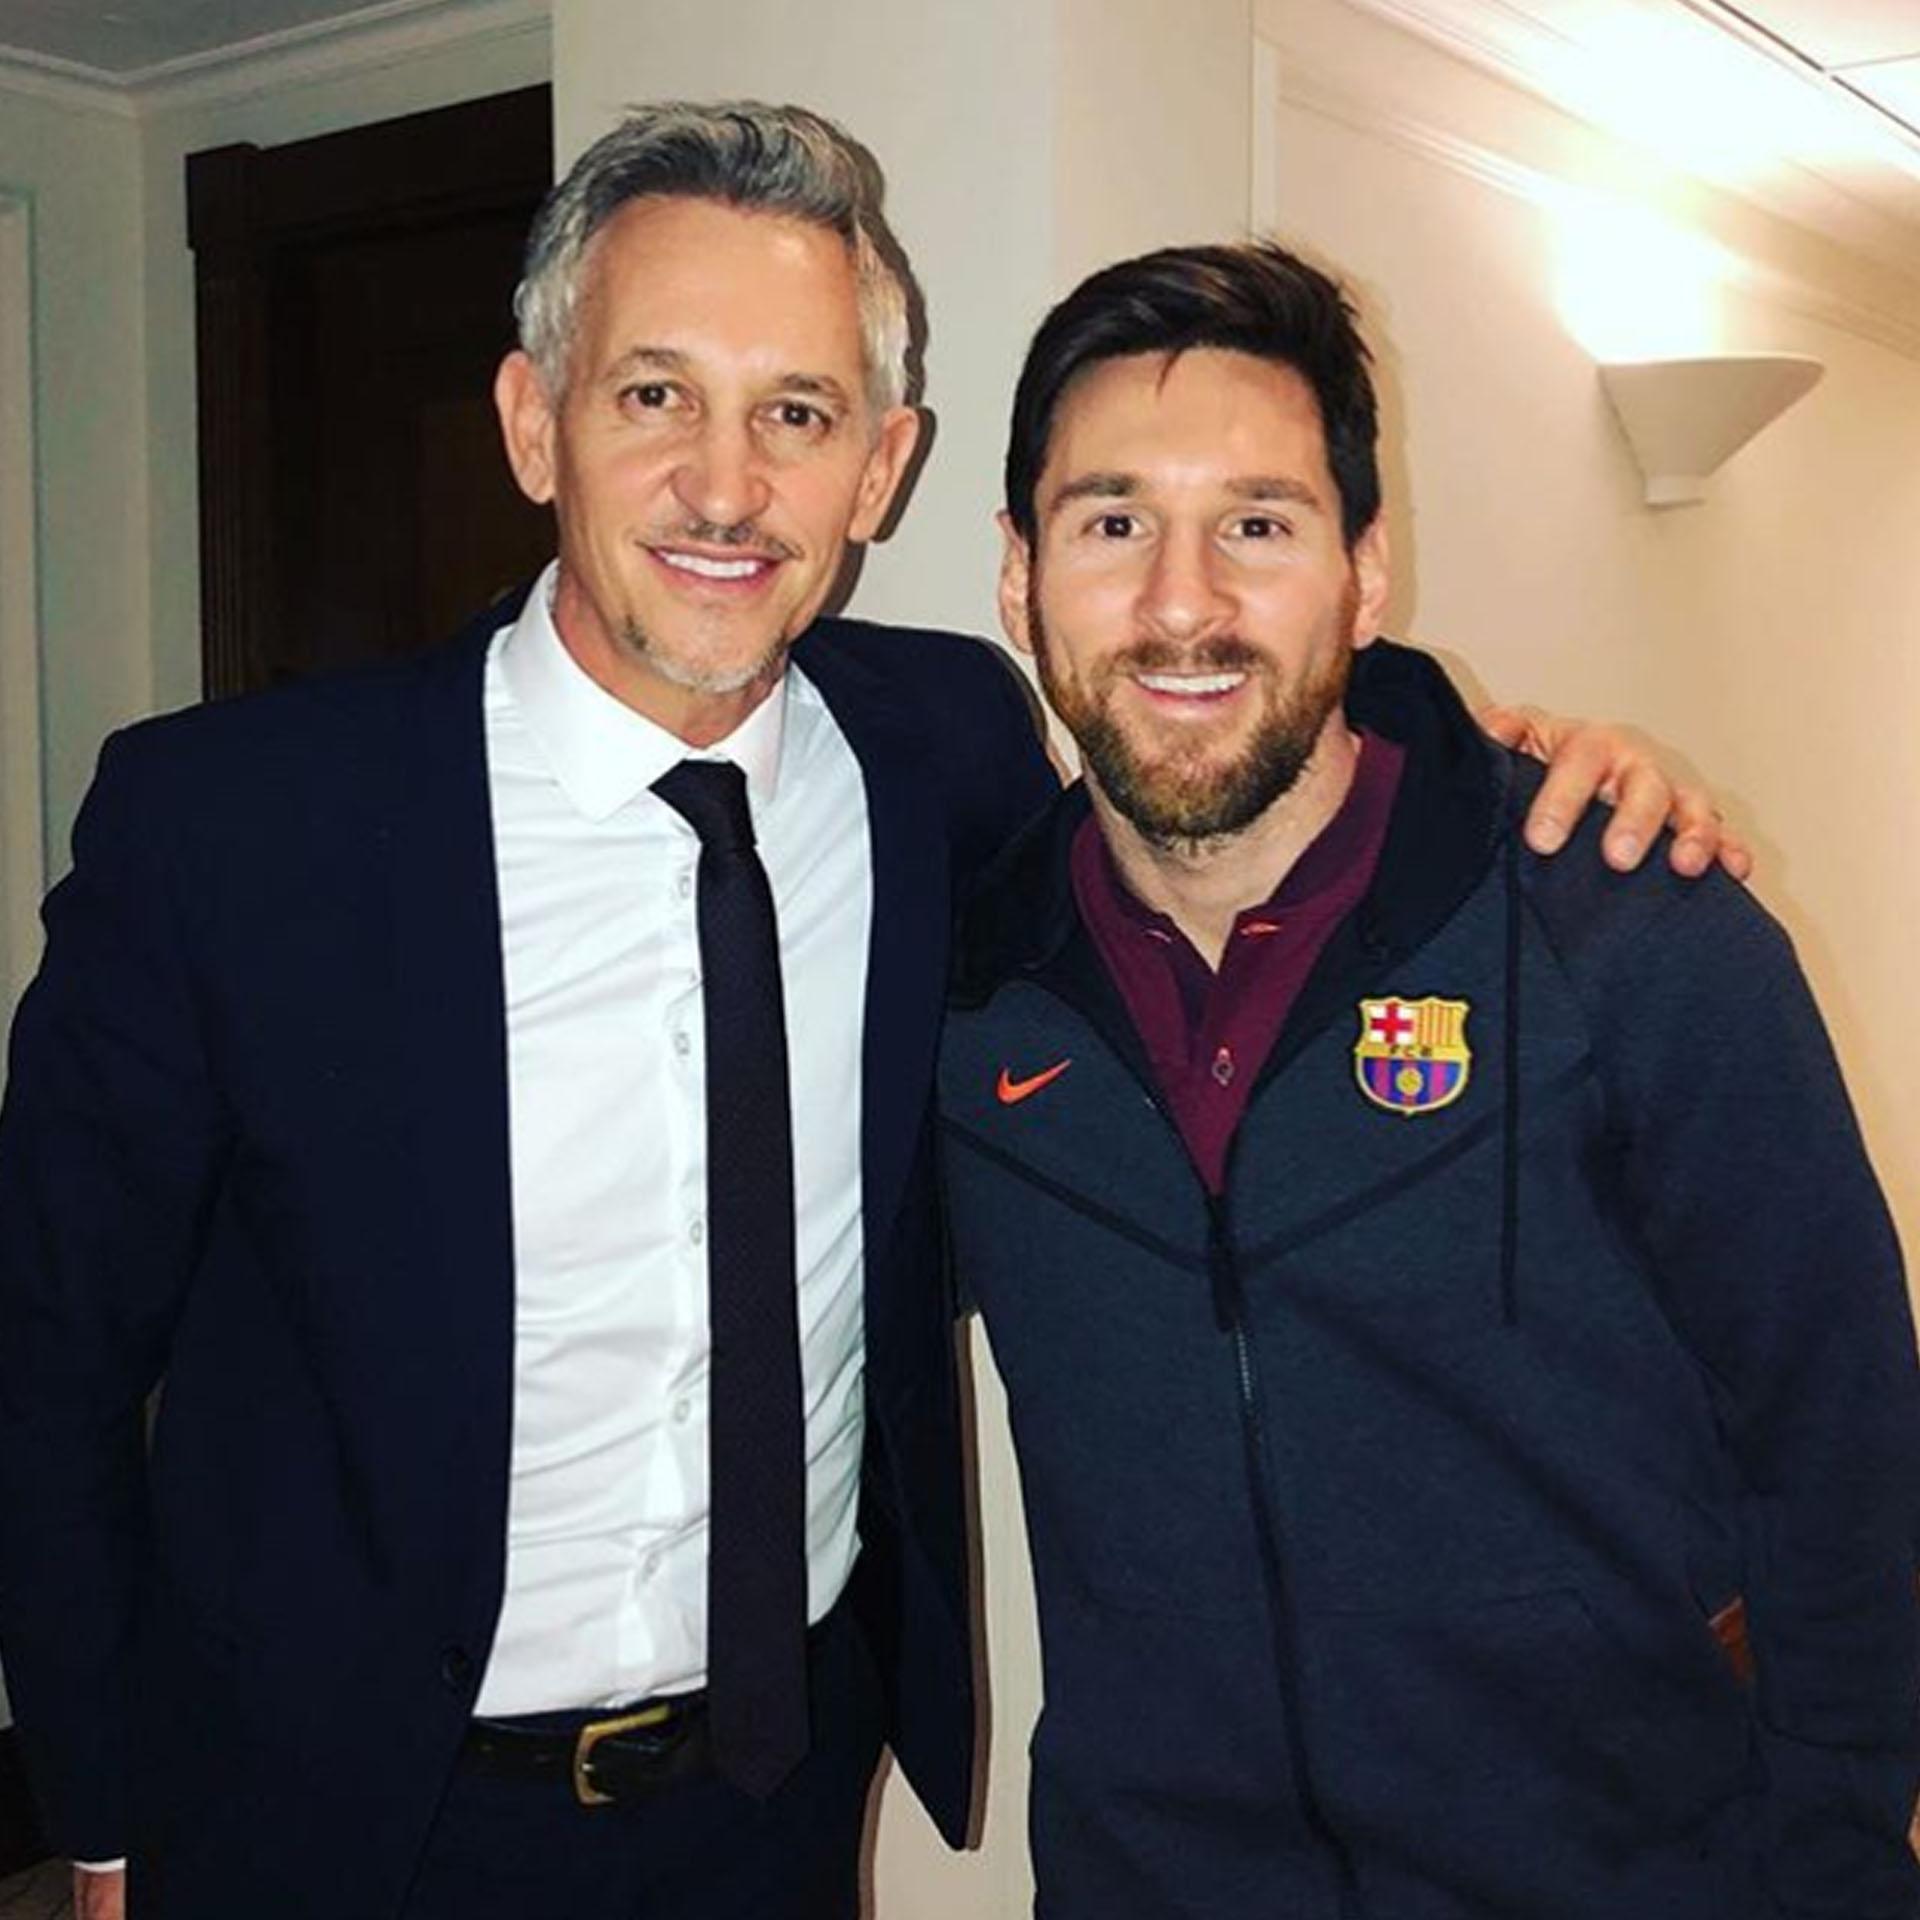 Gary Lineker cumplió su sueño de conocer a Lionel Messi (@garylineker)